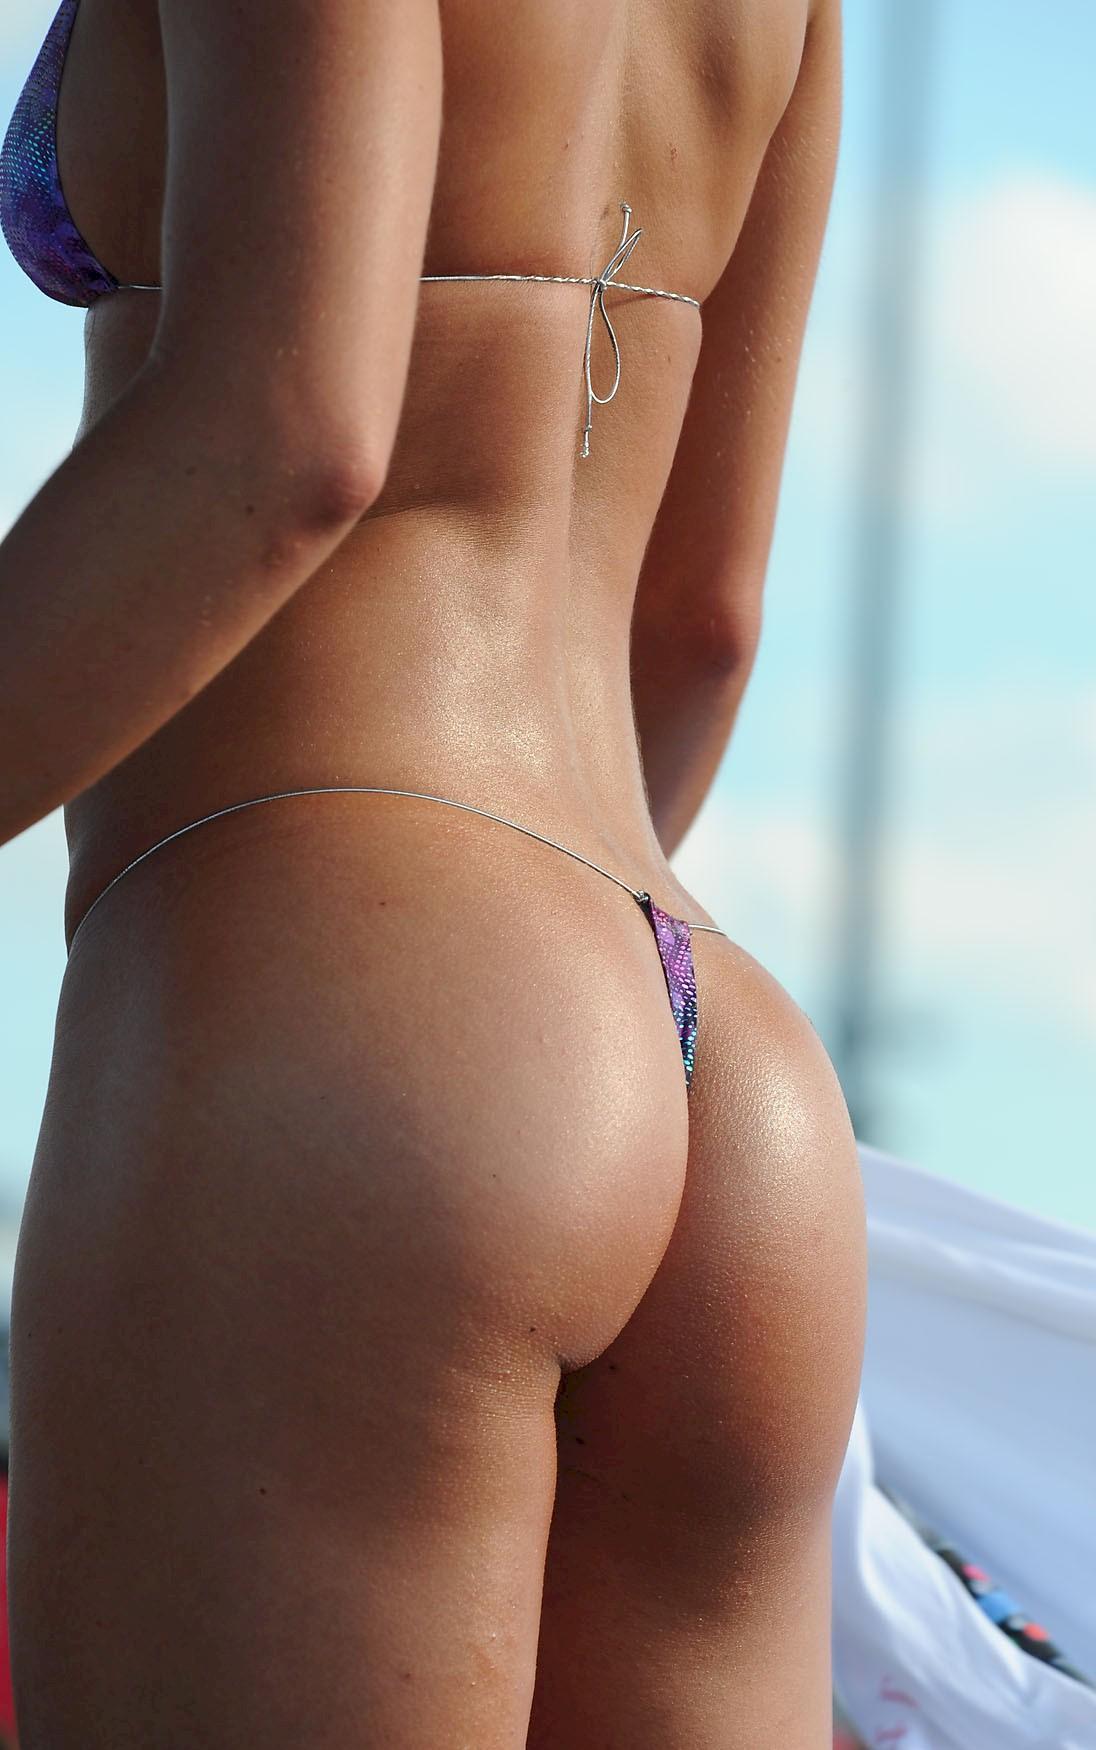 Фото пляжных попок 9 фотография